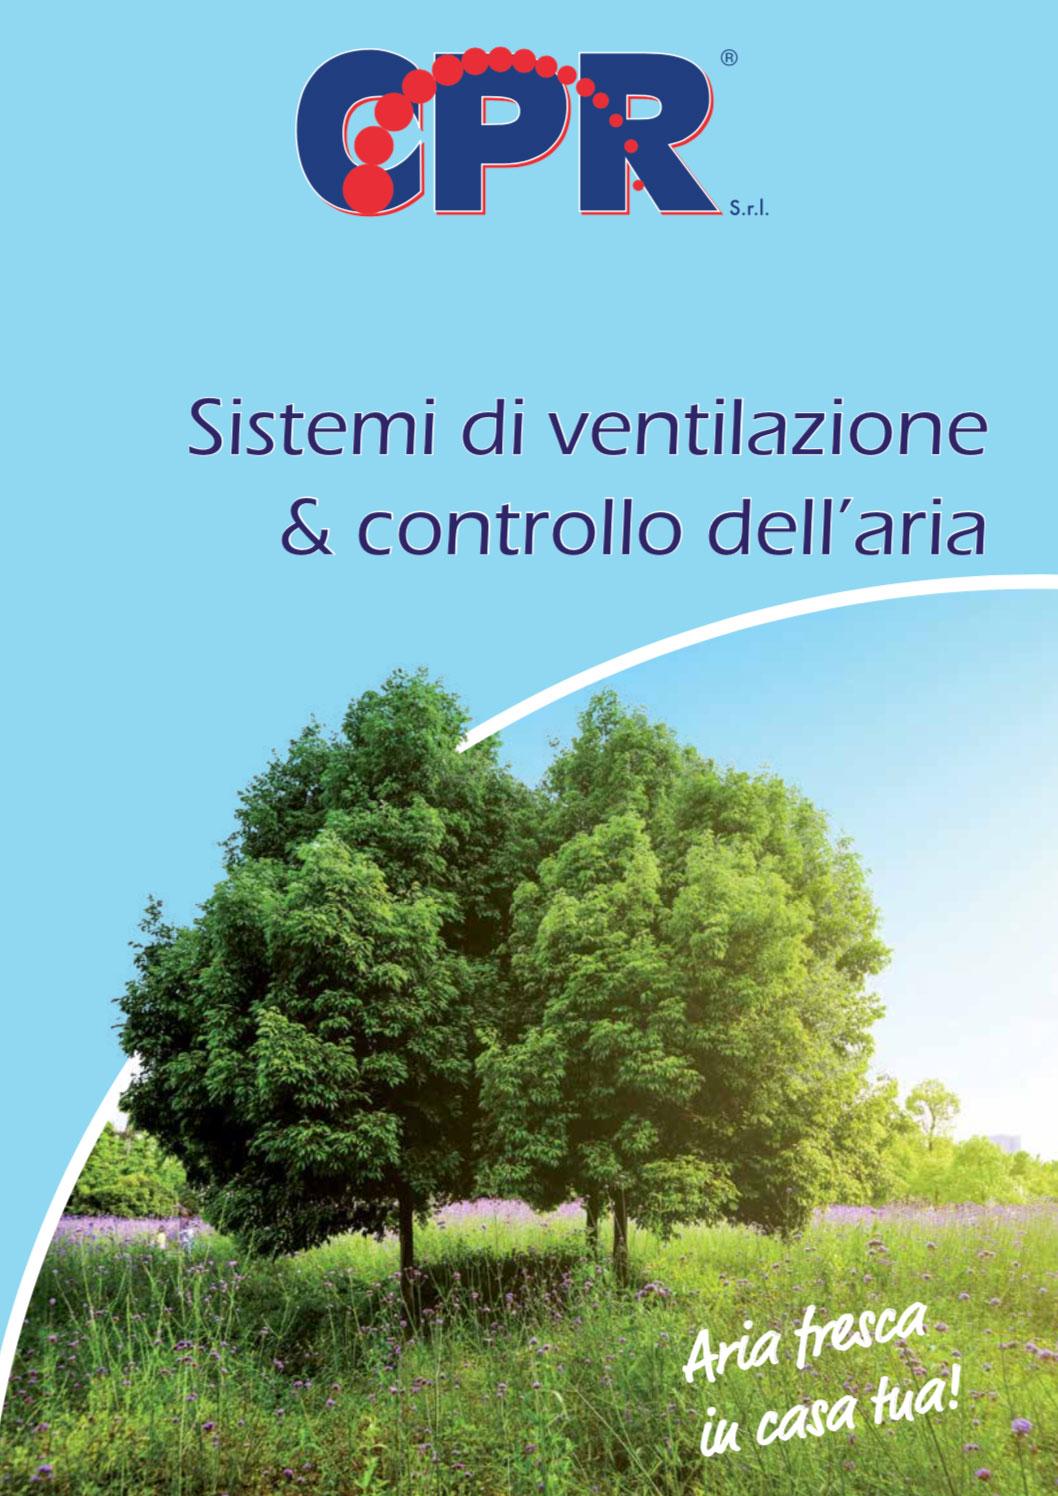 Sistemi di ventilazione & controllo dell'aria